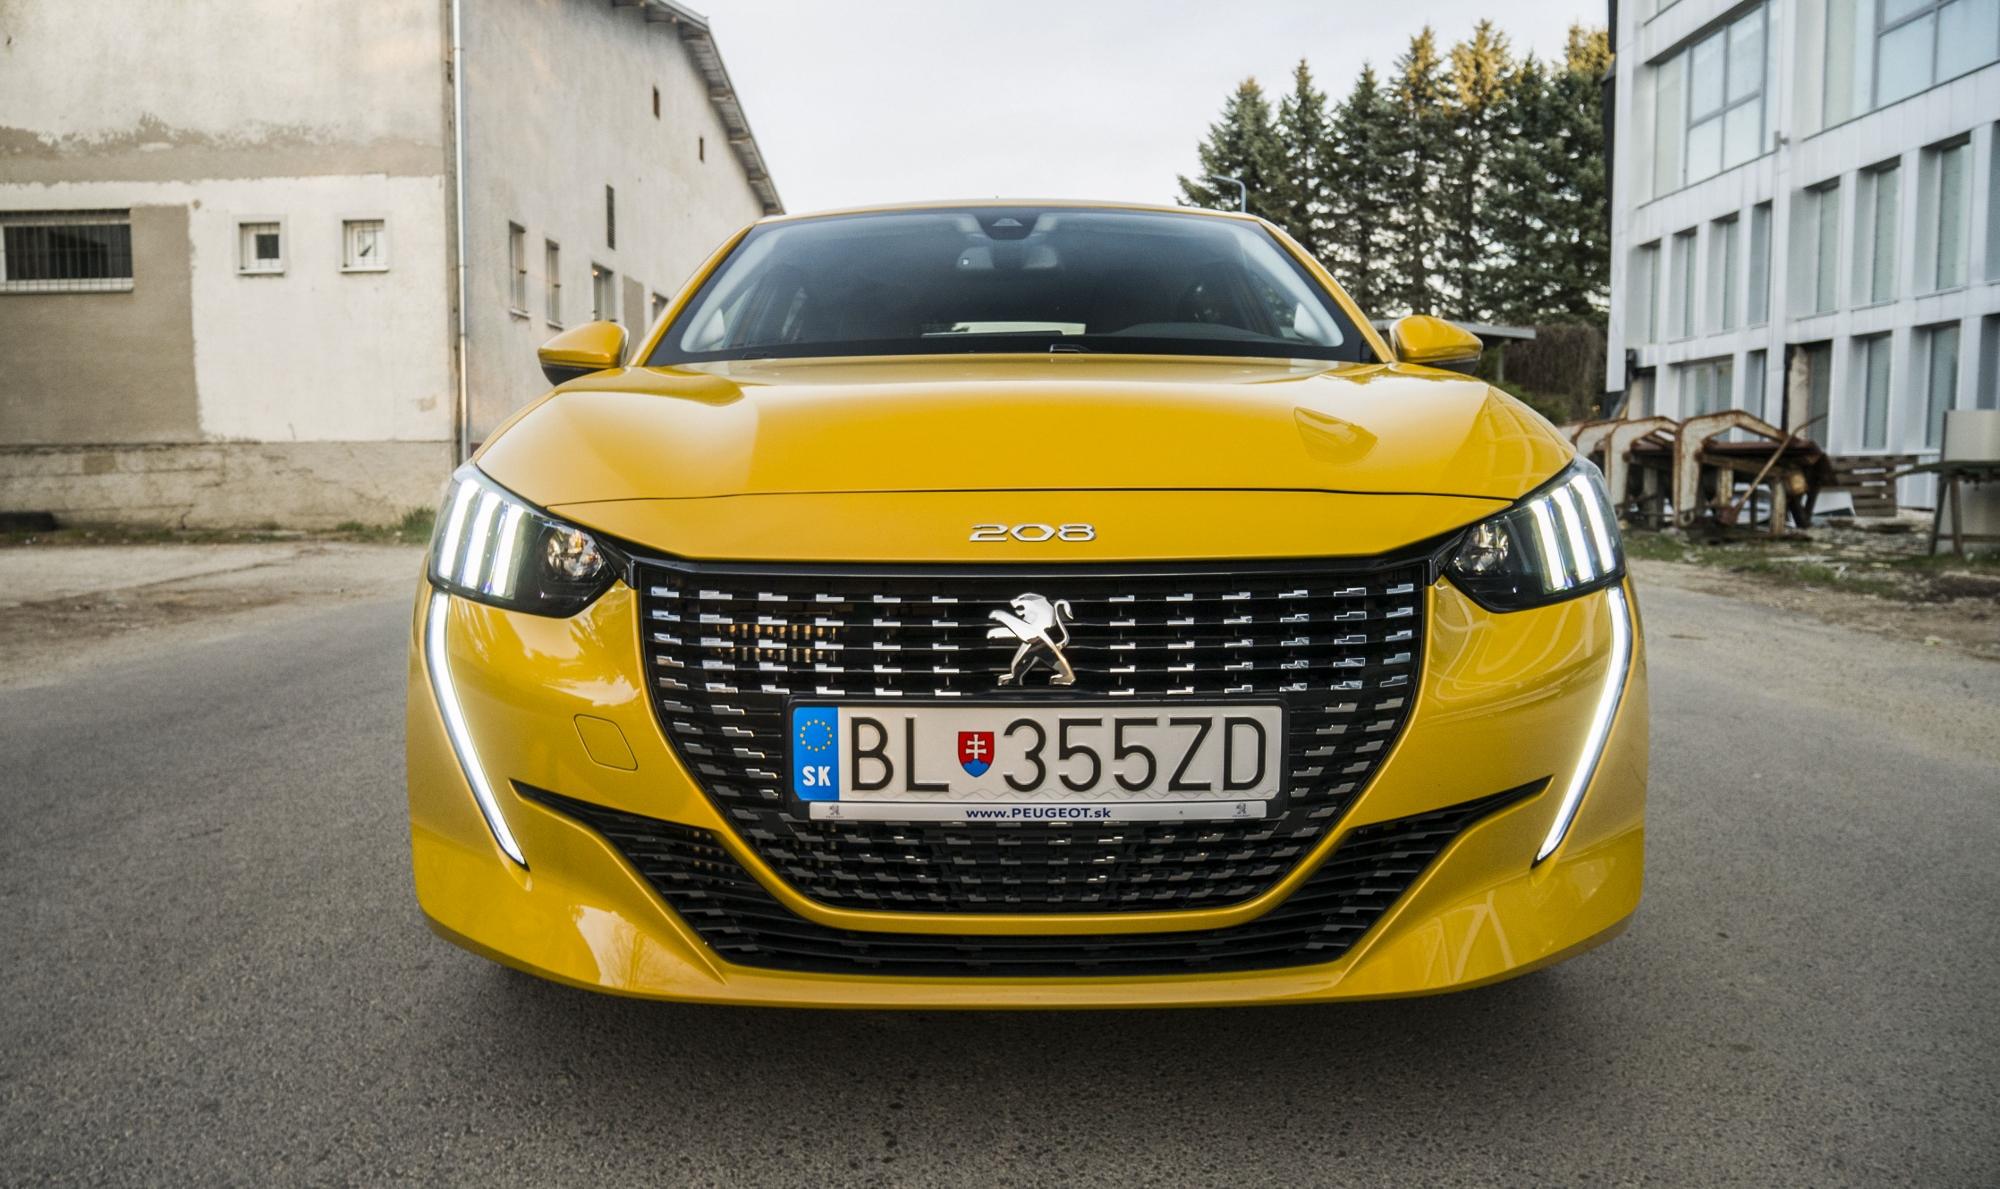 Test: Peugeot 208 prekvapivo pútal pohľady 02WSjZesqp peugeot-208-31